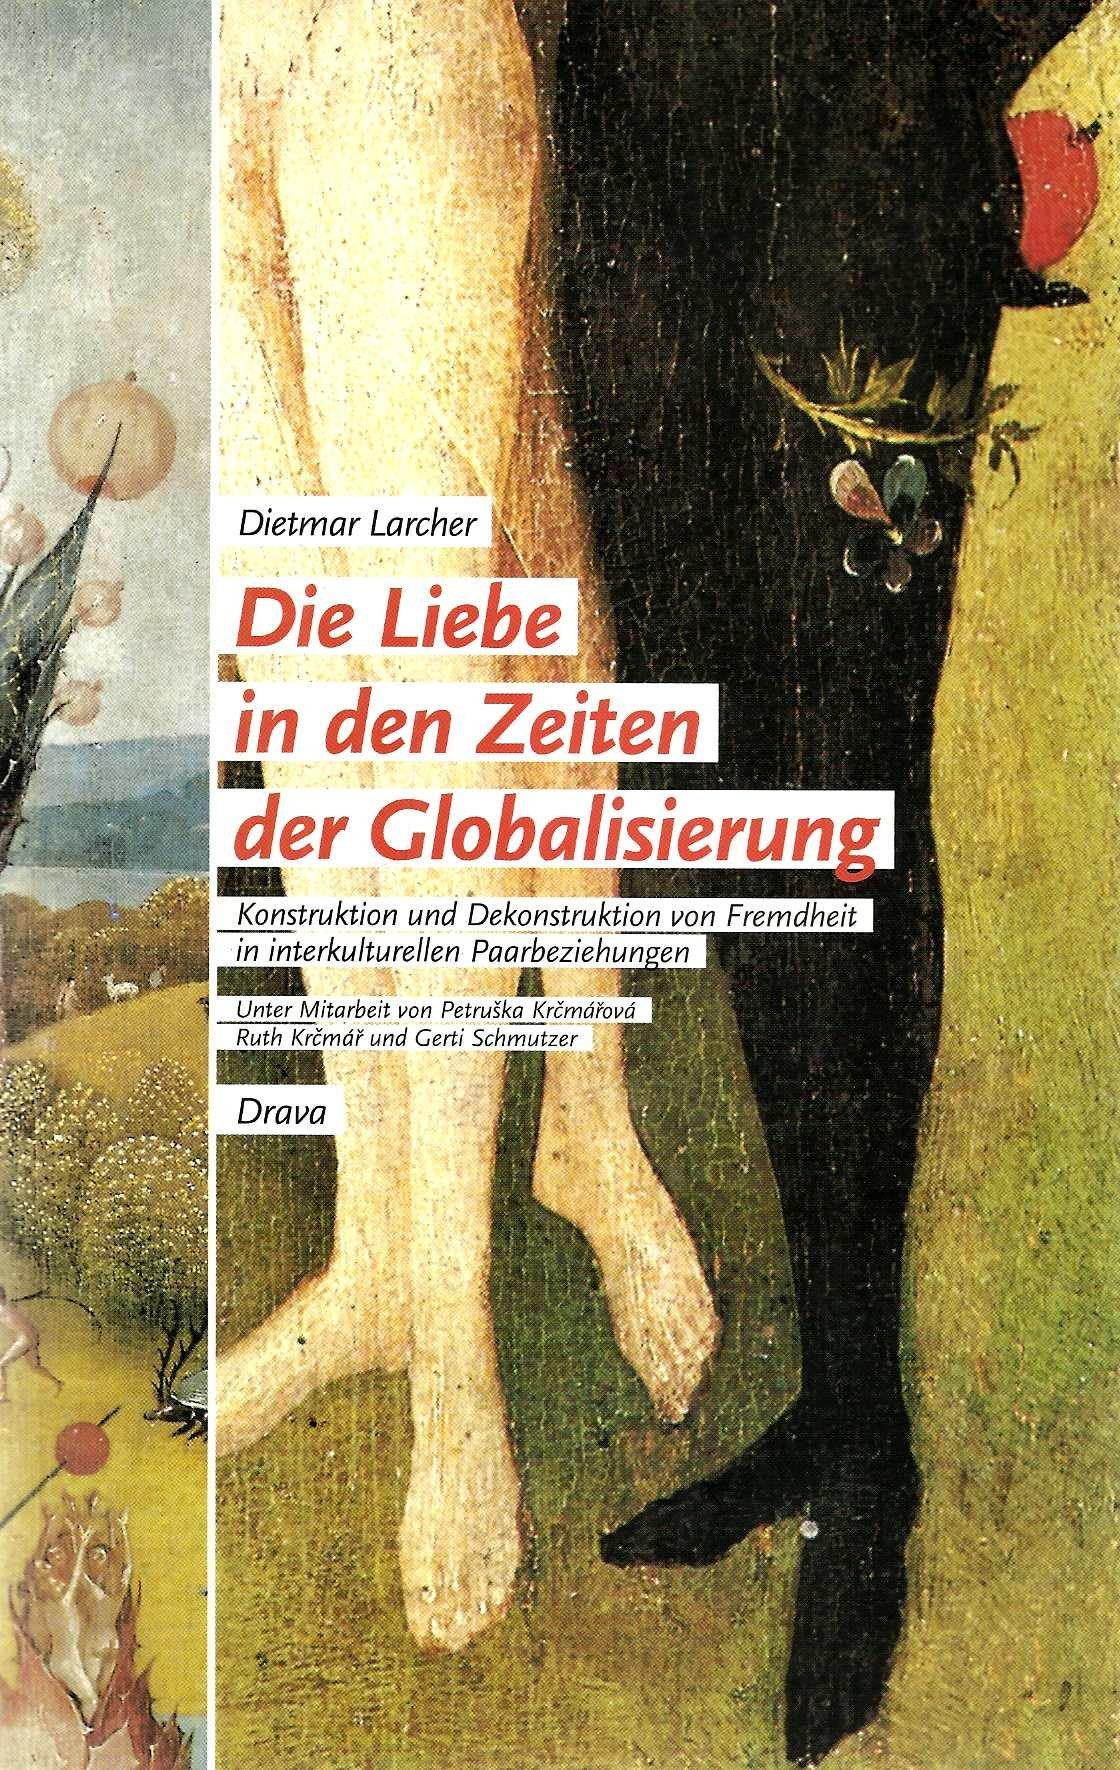 Die Liebe in den Zeiten der Globalisierung. Konstruktion und Dekonstruktion von Fremdheit in interkulturellen Paarbeziehungen